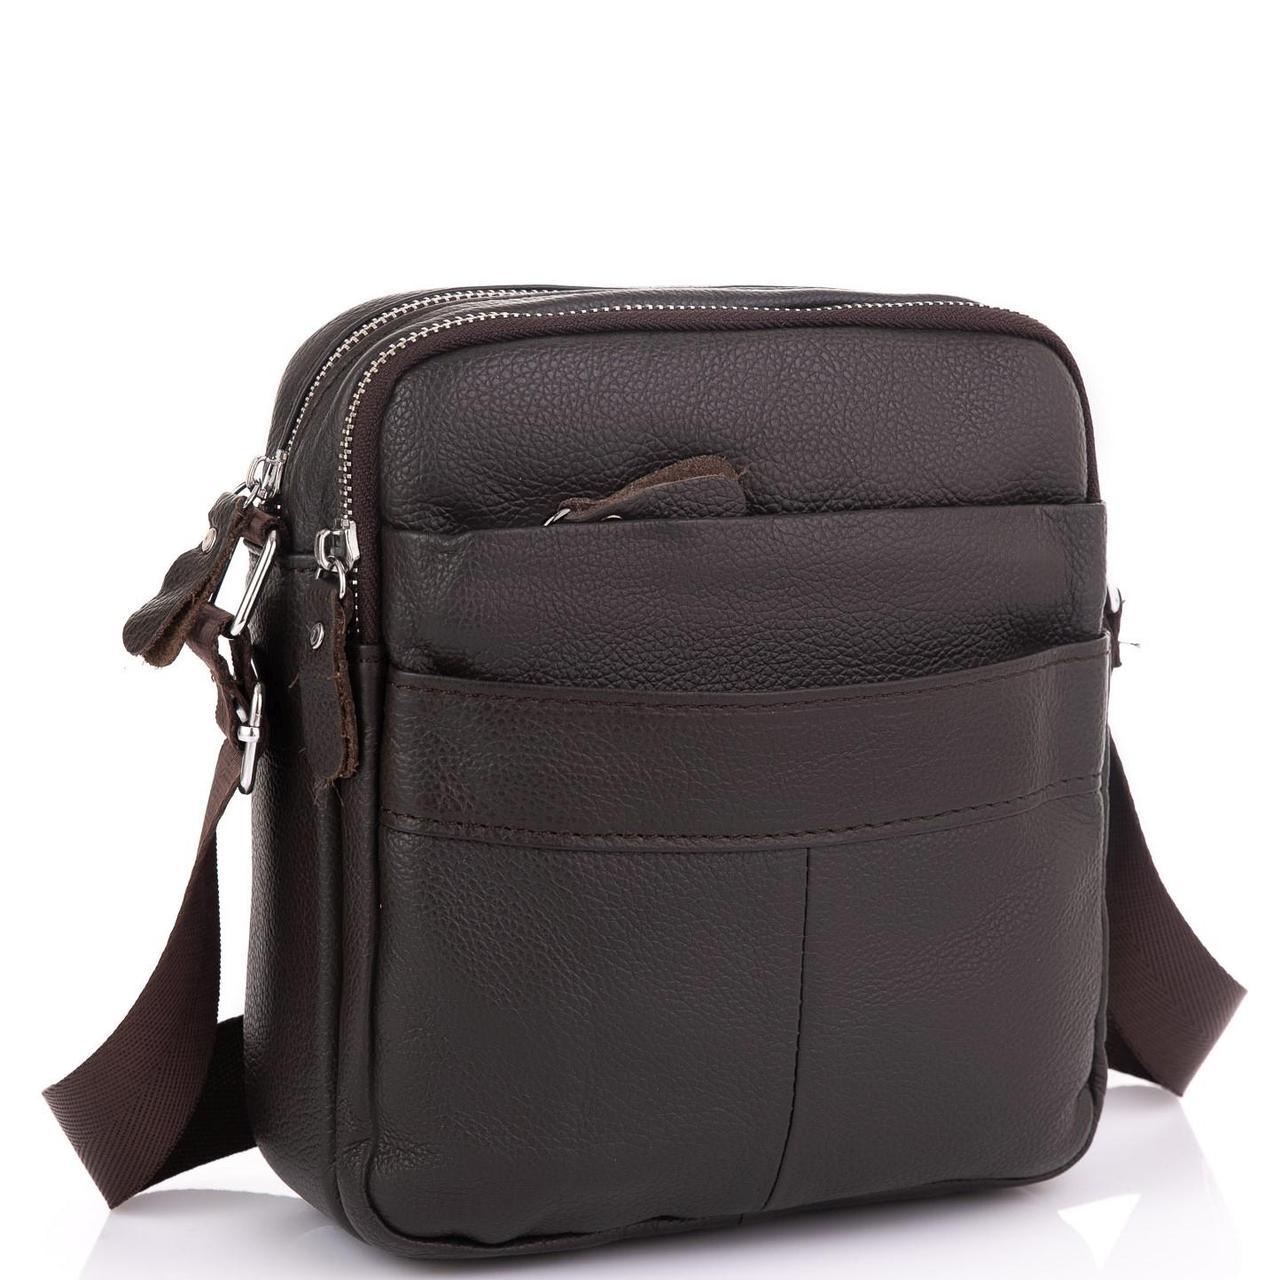 Шкіряний месенджер чоловічий коричневий Tiding Bag A25F-8017B